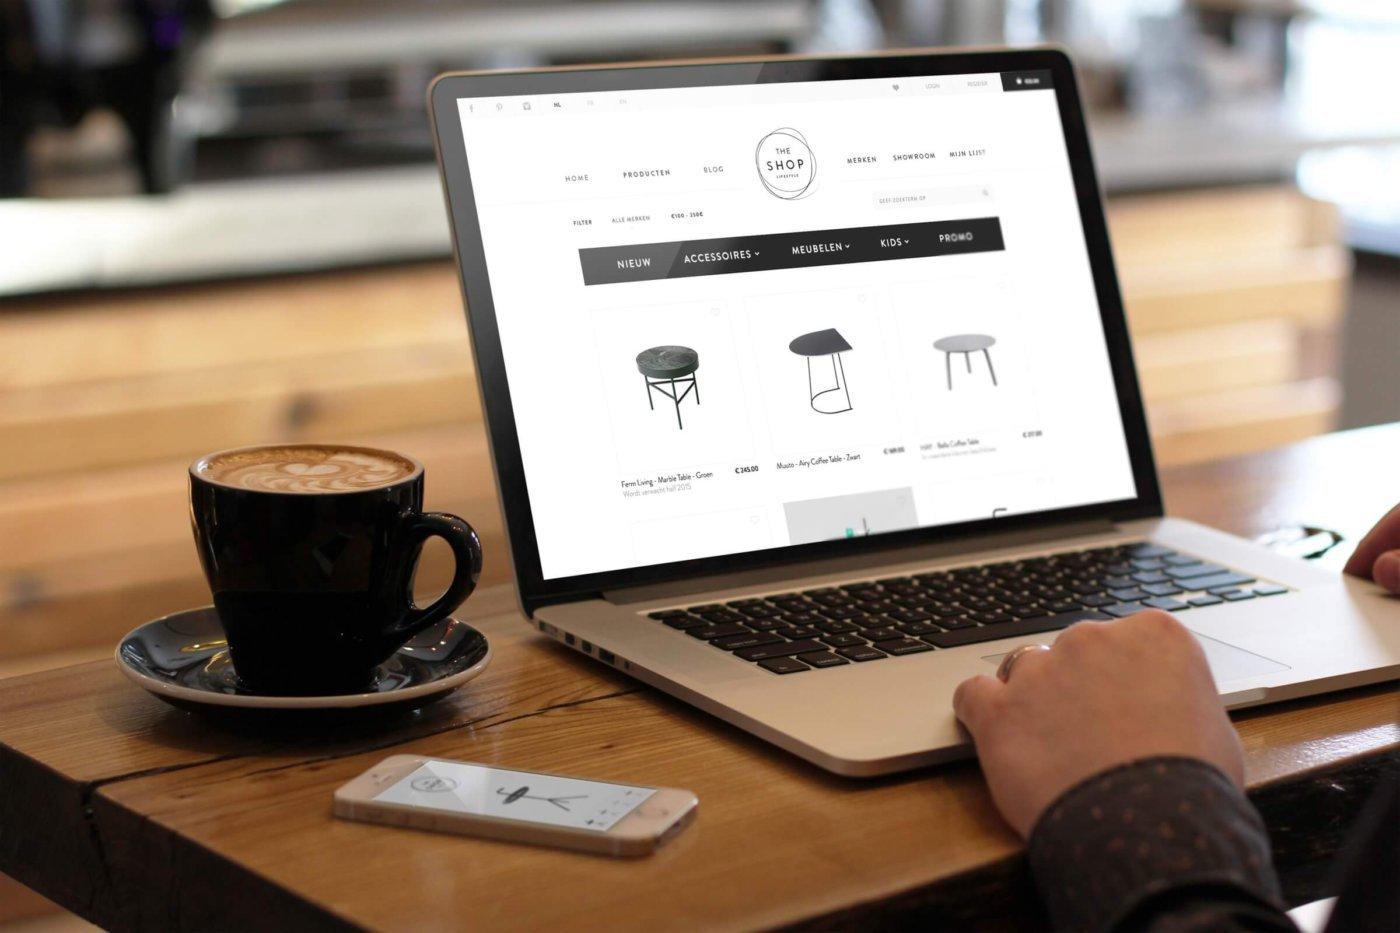 The shop online